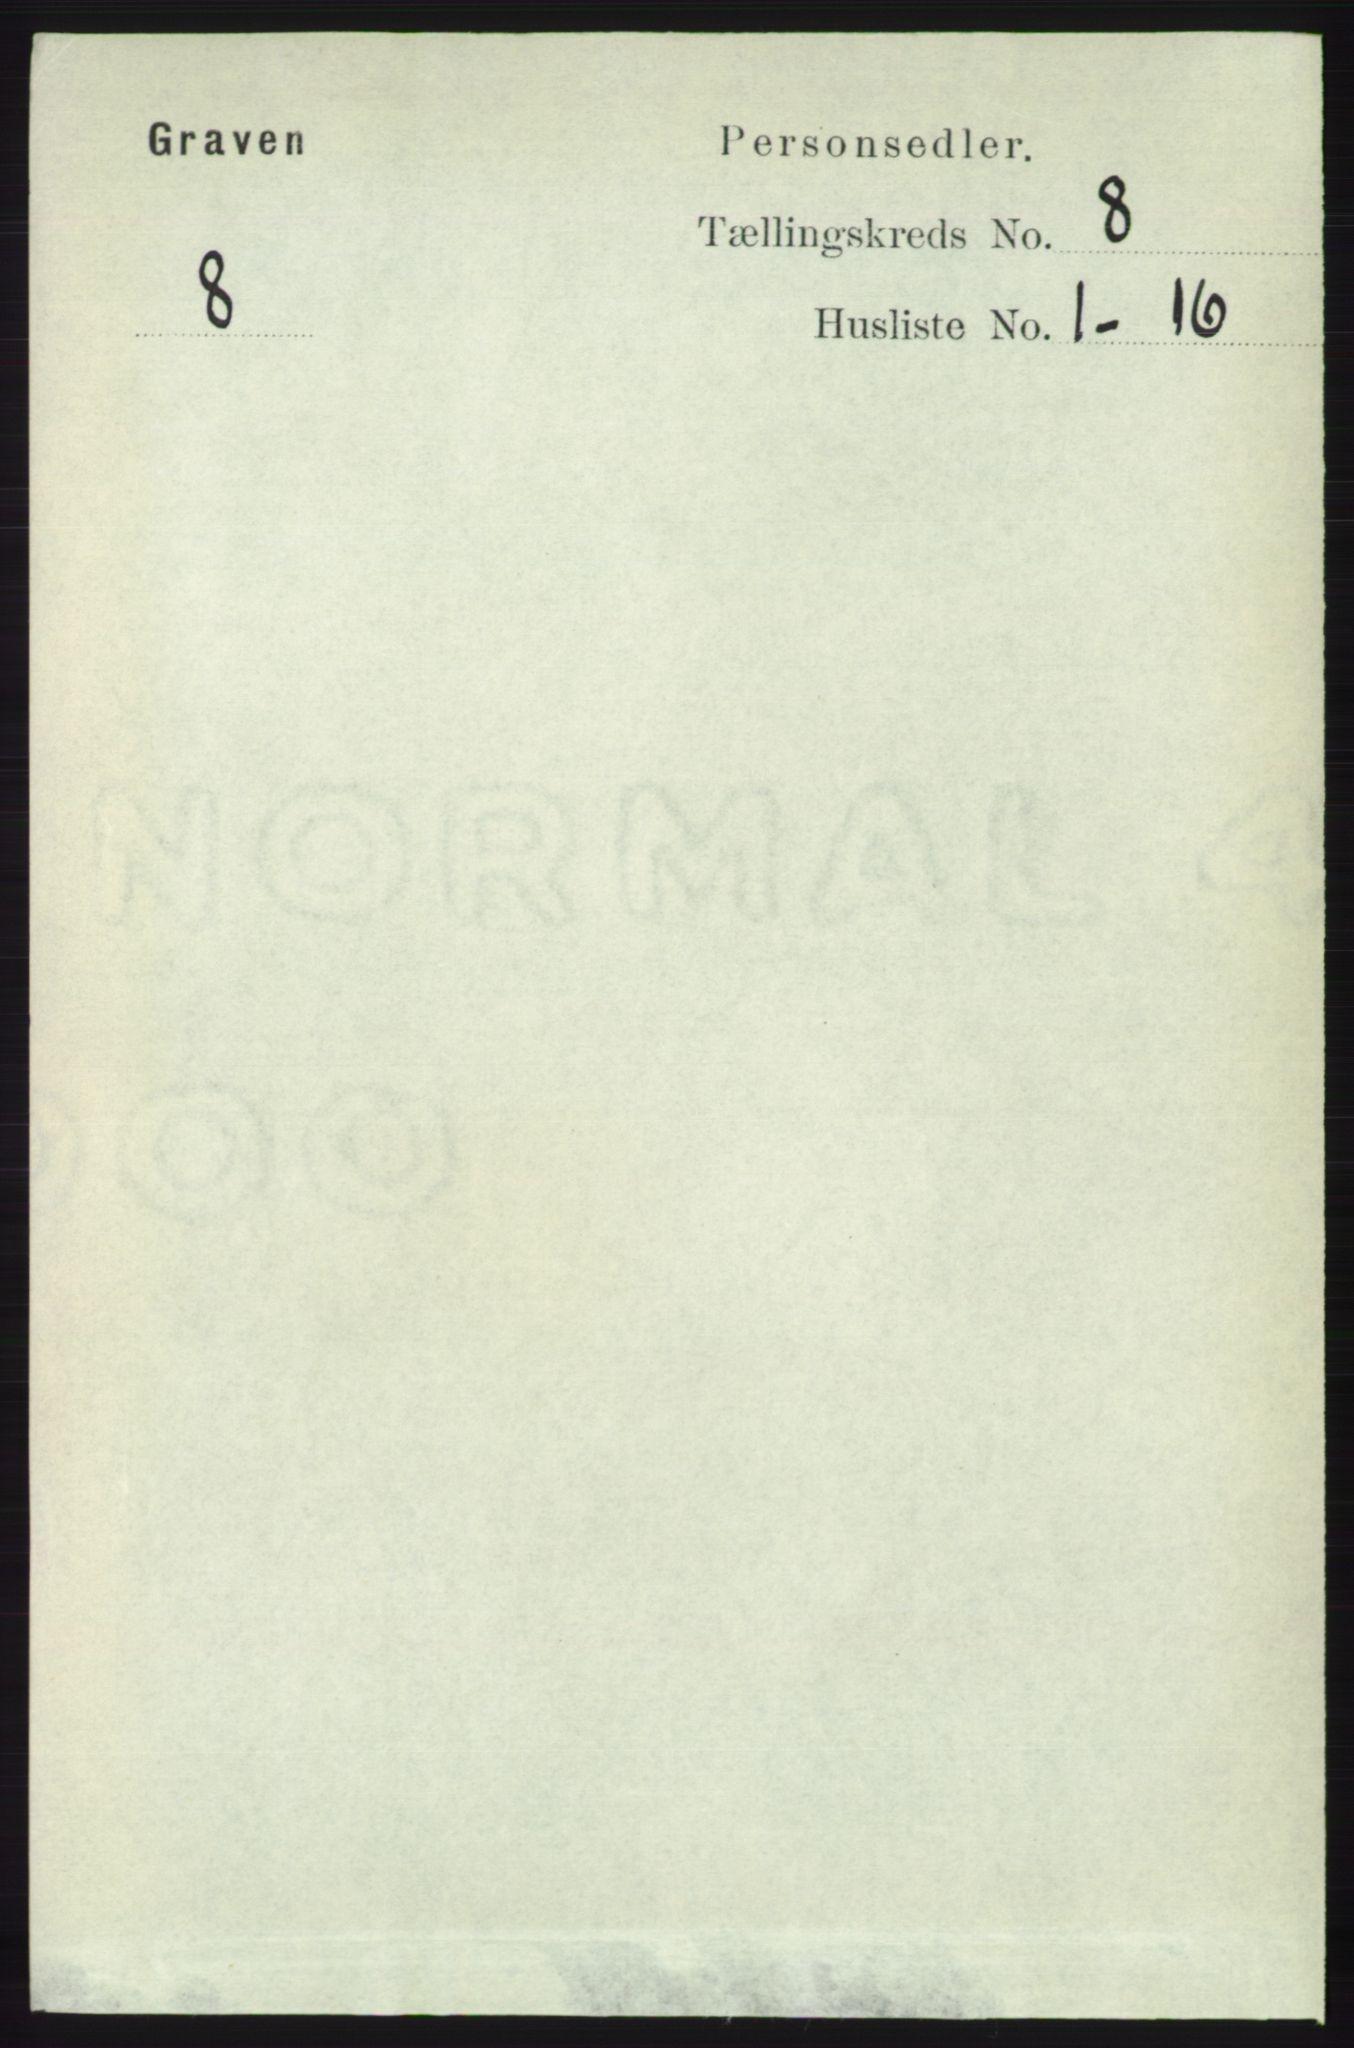 RA, Folketelling 1891 for 1233 Ulvik herred, 1891, s. 2573